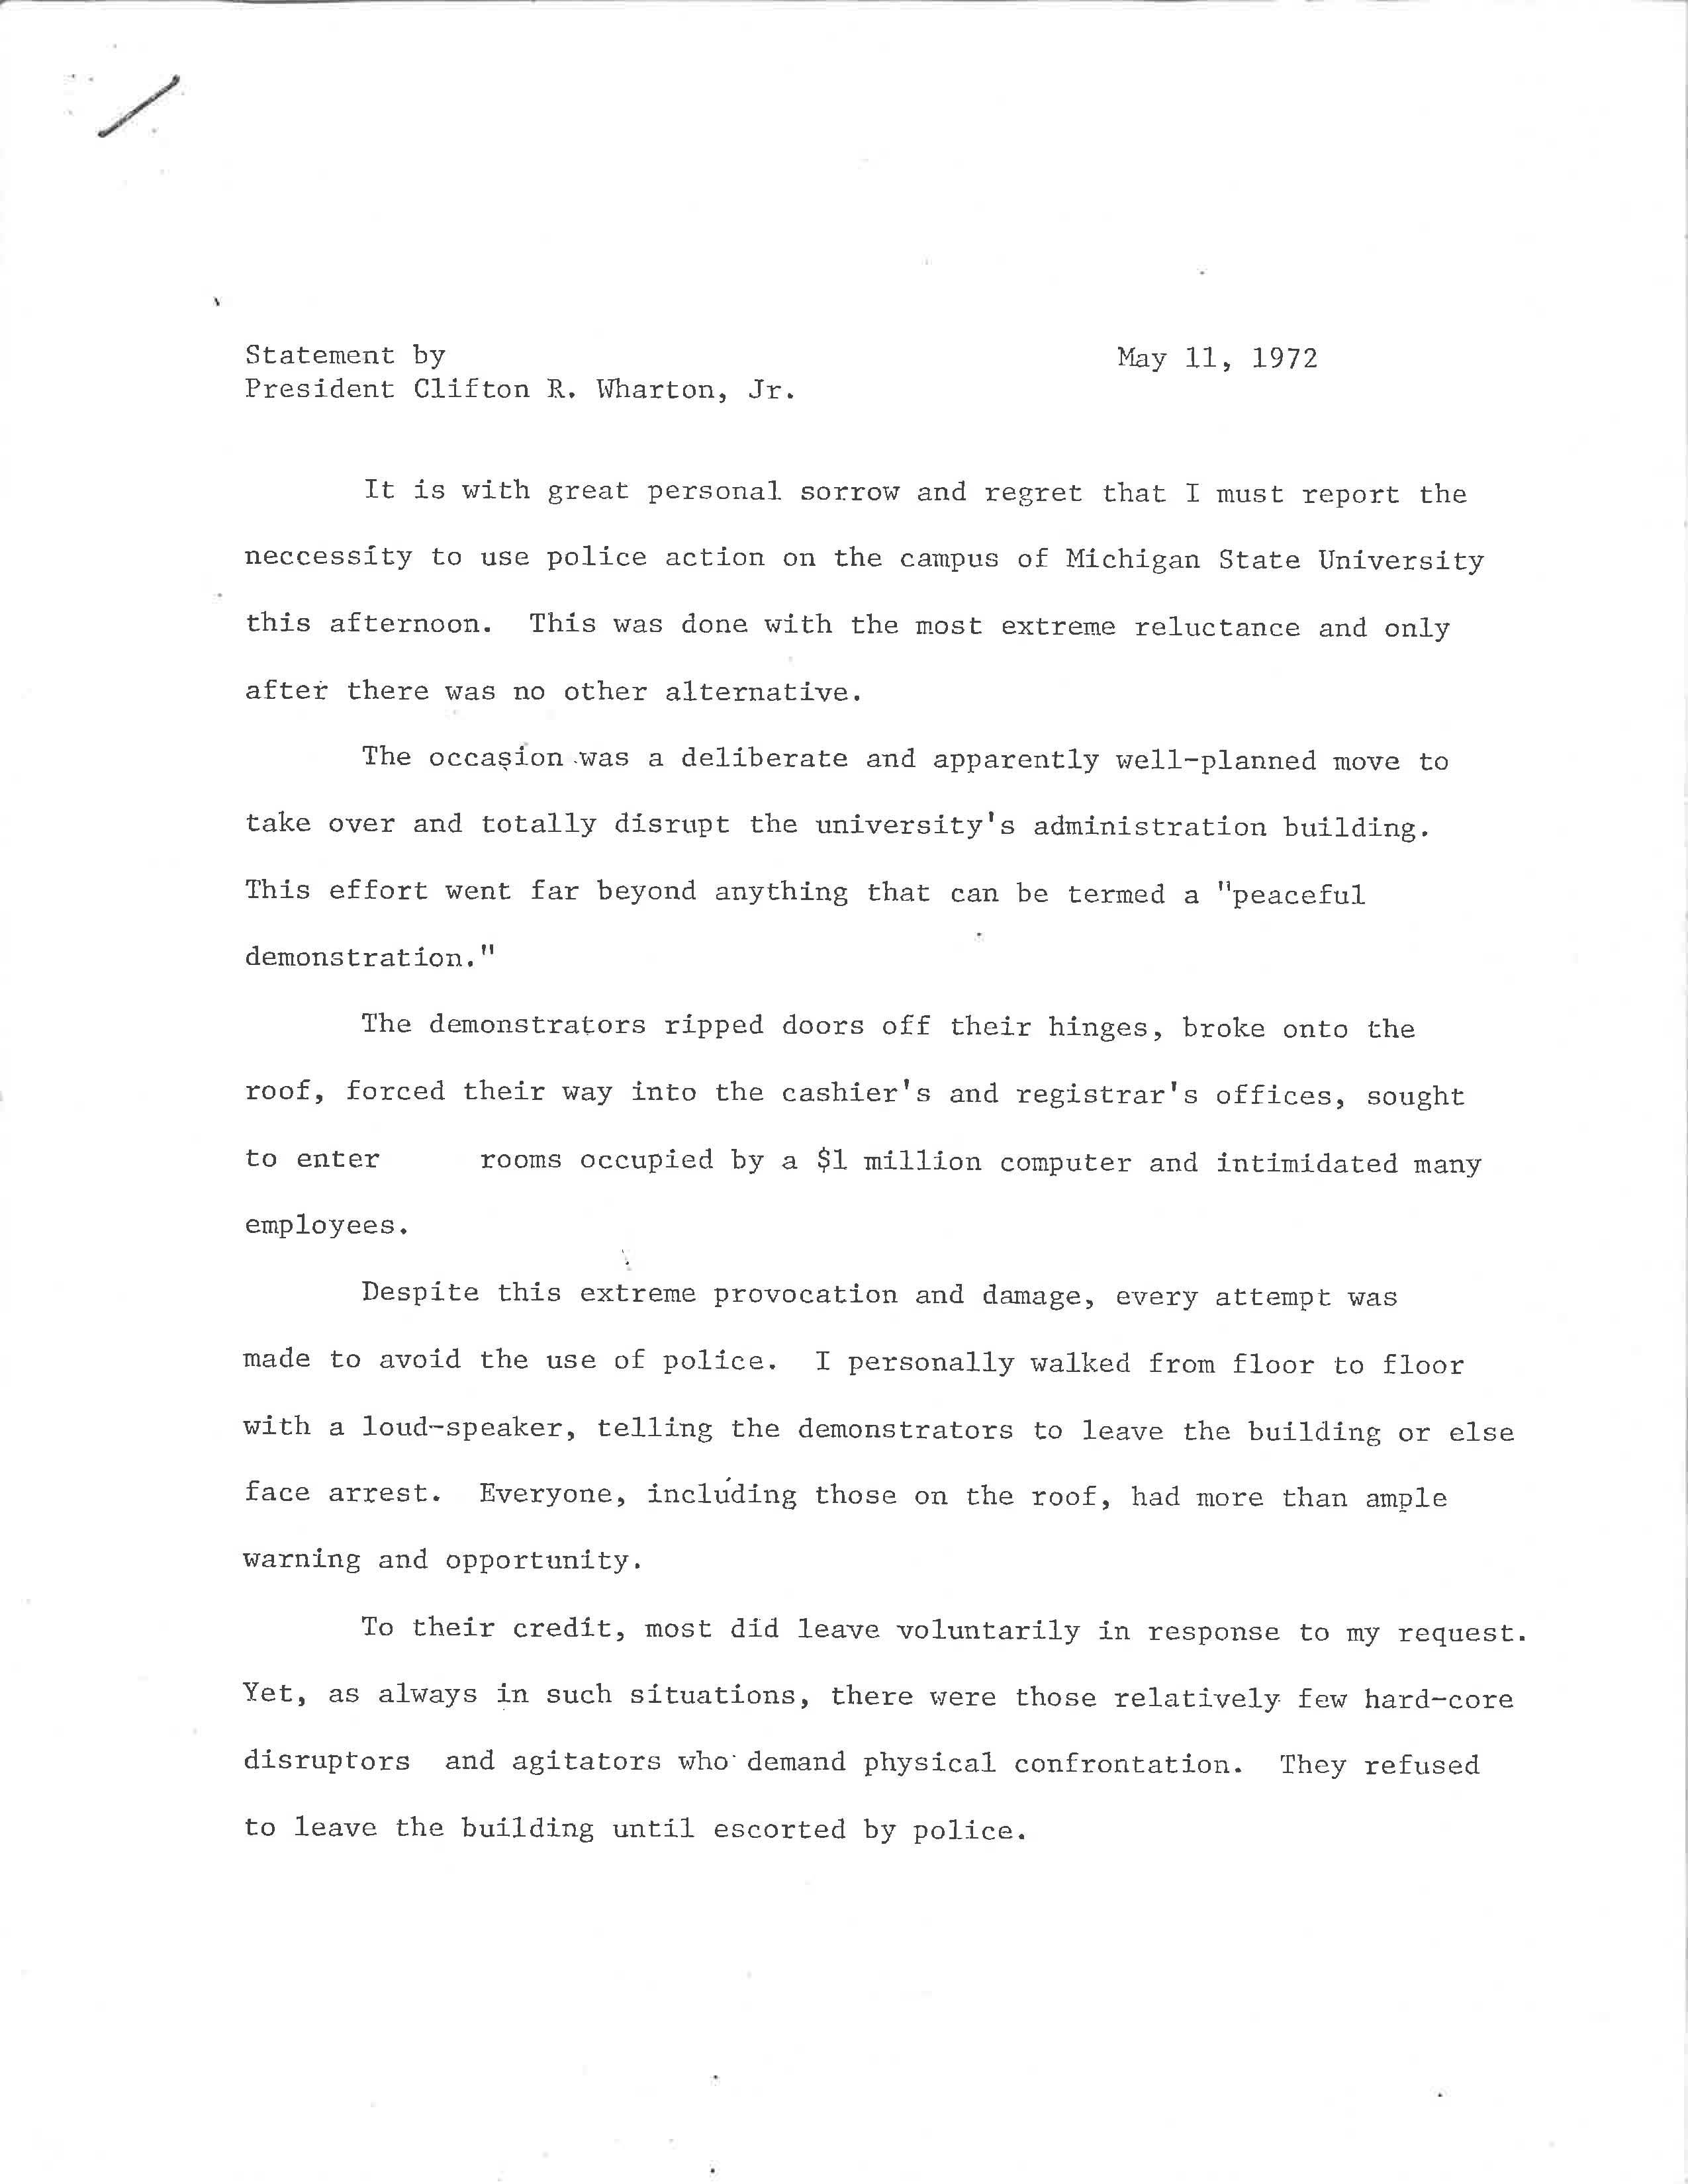 President Wharton Statement